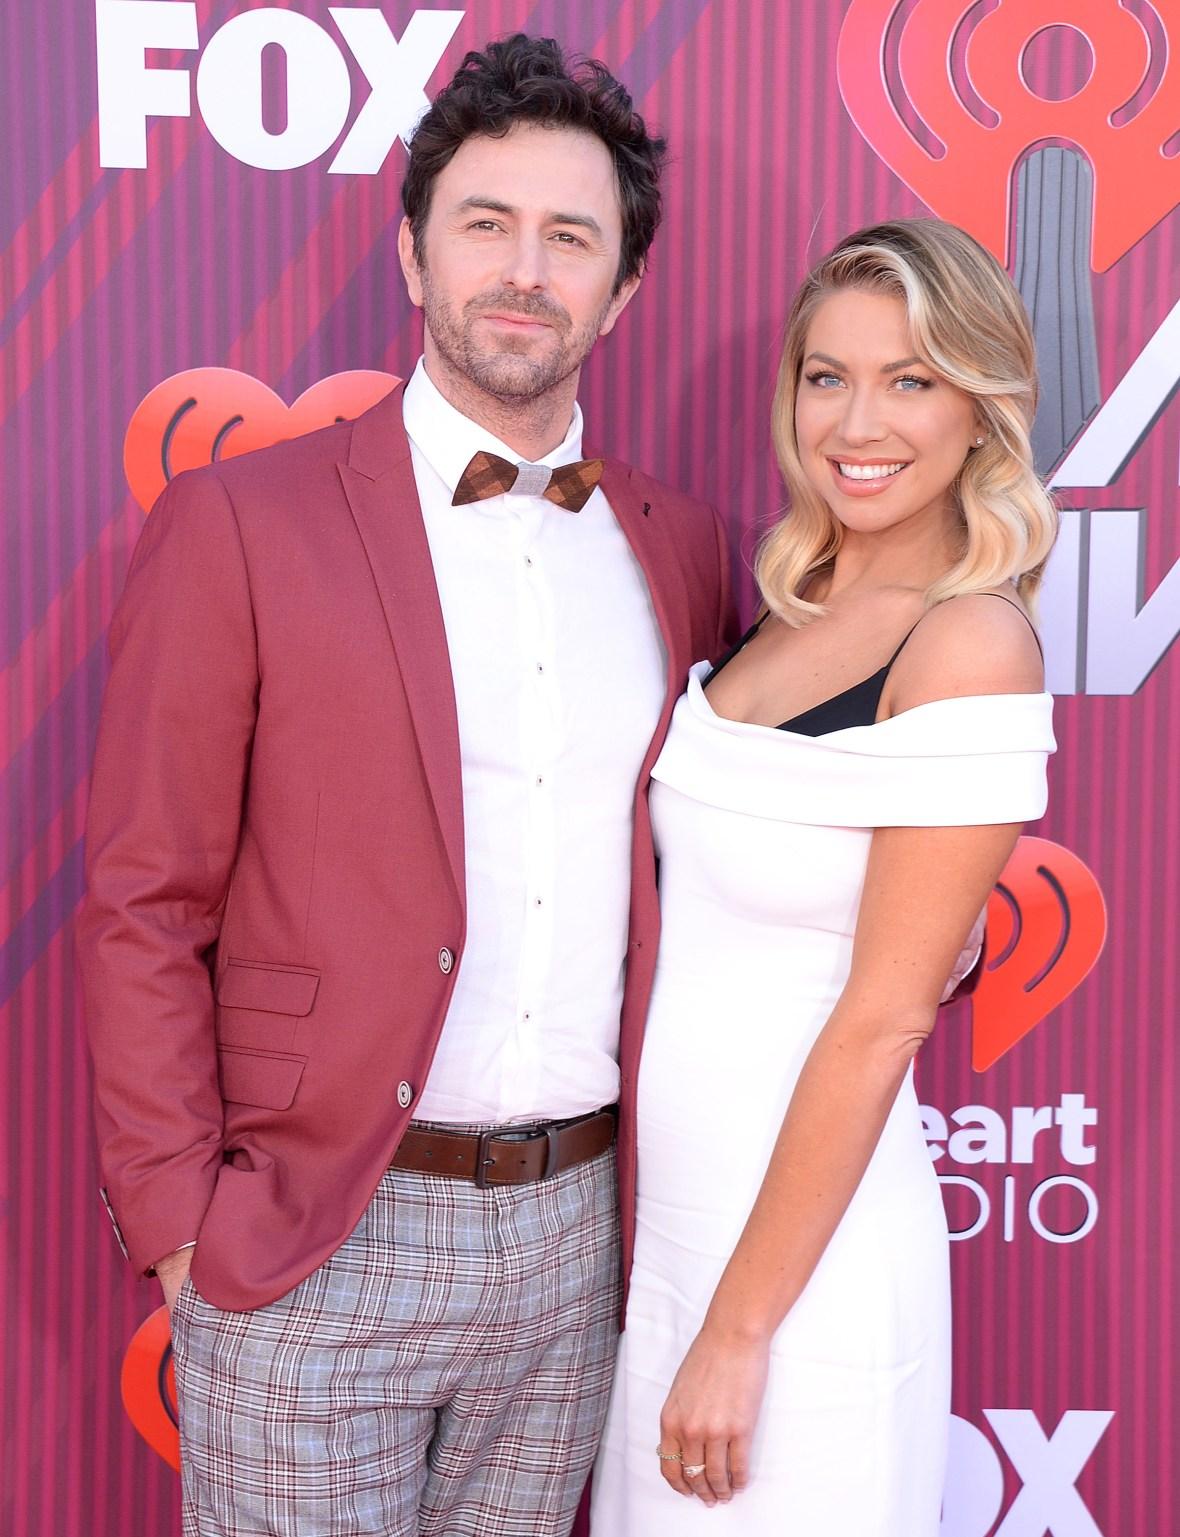 Stassi Schroeder With Beau, Pregnancy News